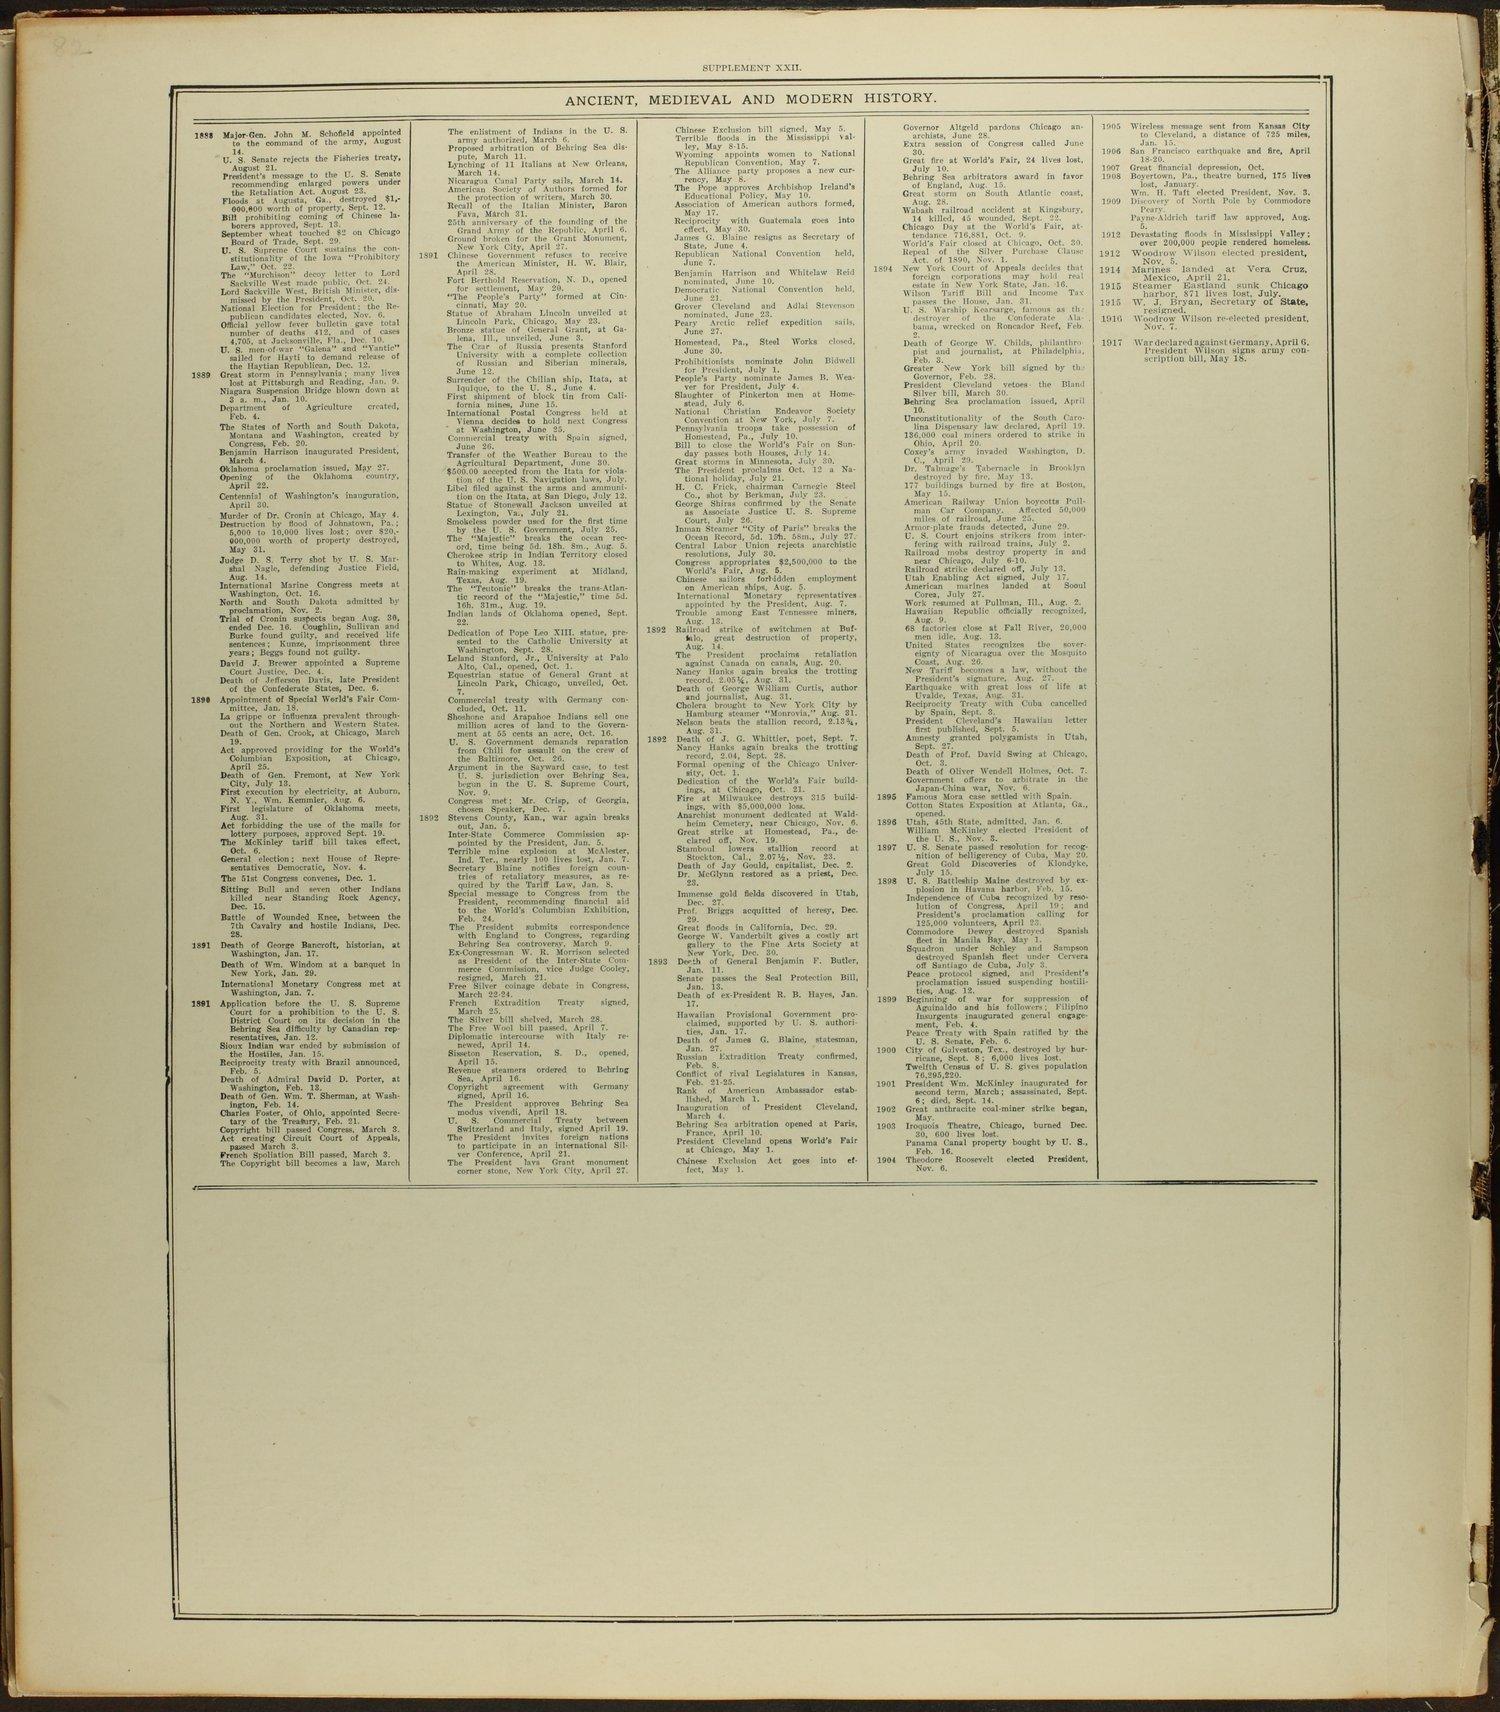 Standard atlas of Lincoln County, Kansas - Supplement XXII